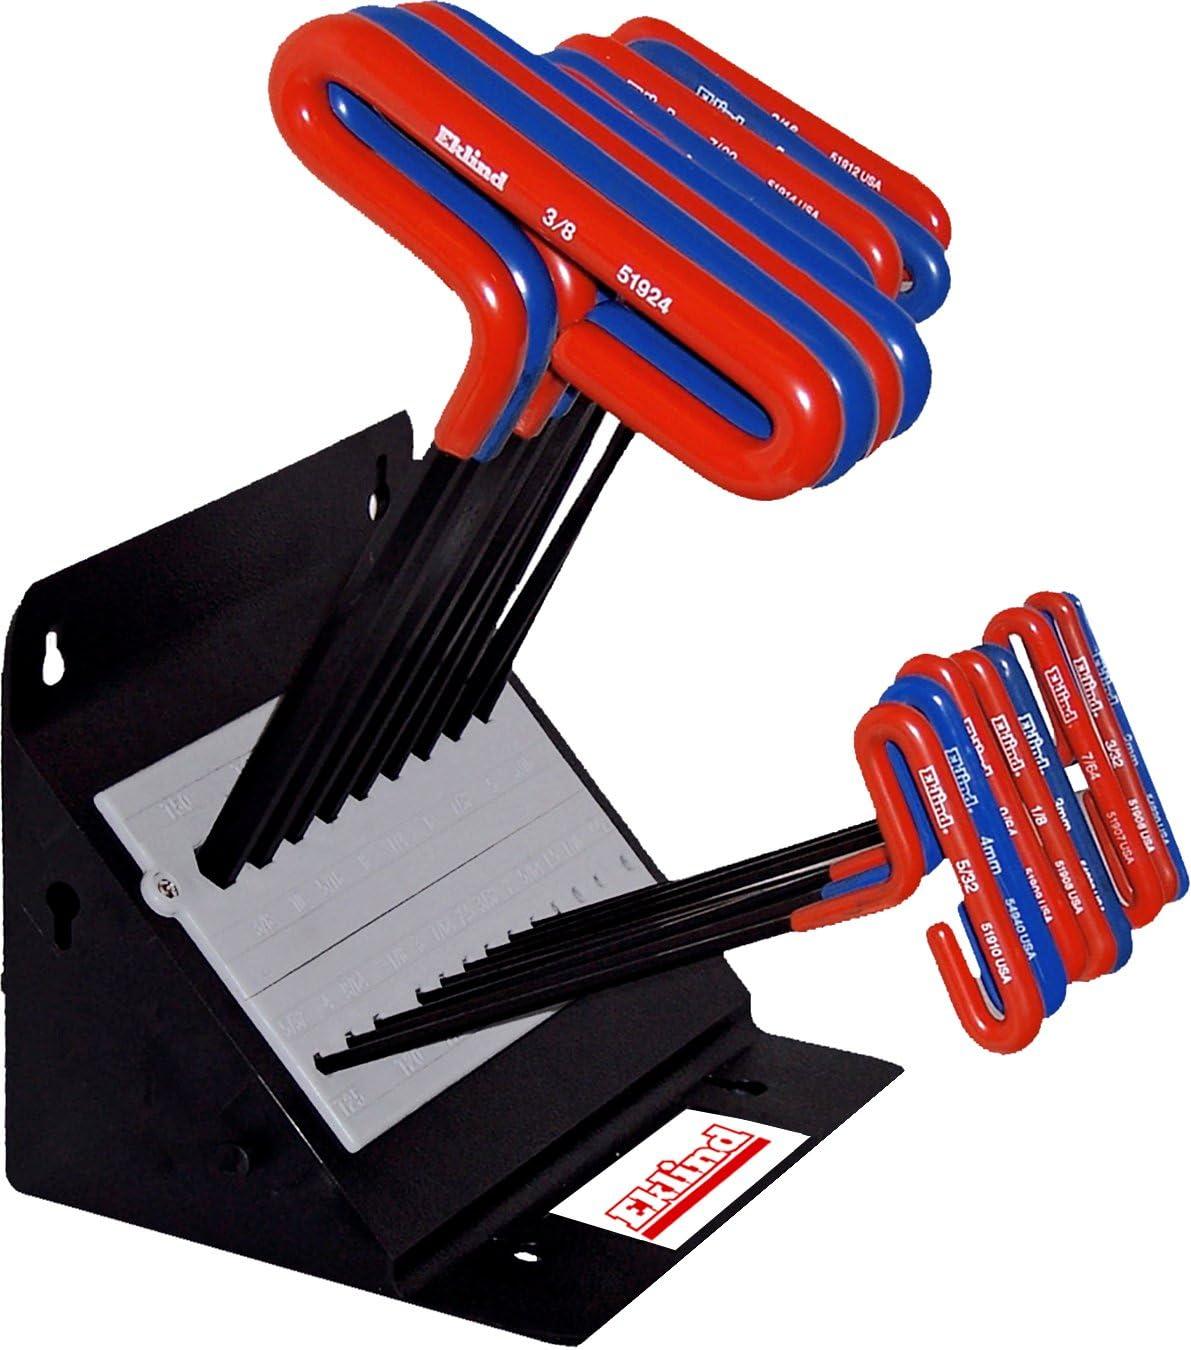 EKLIND 50918 9in Inch Hex Allen wrench T-Handle Key Combo